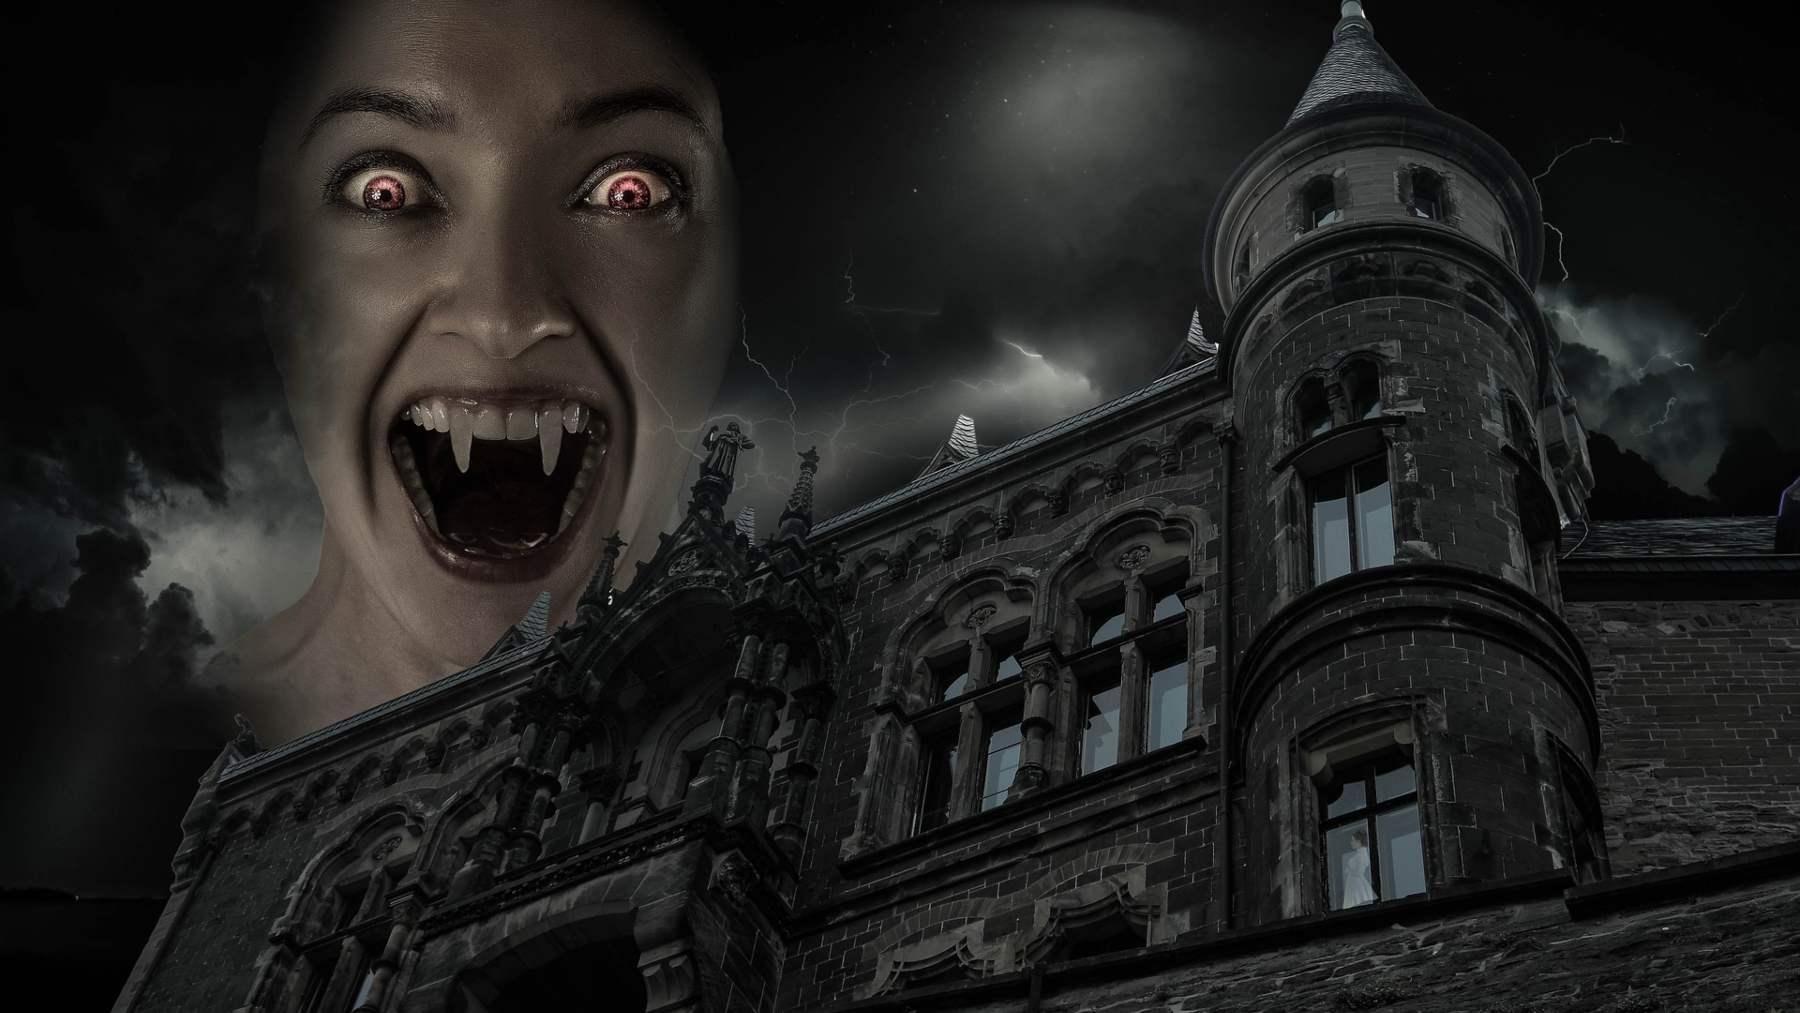 E vampirismo